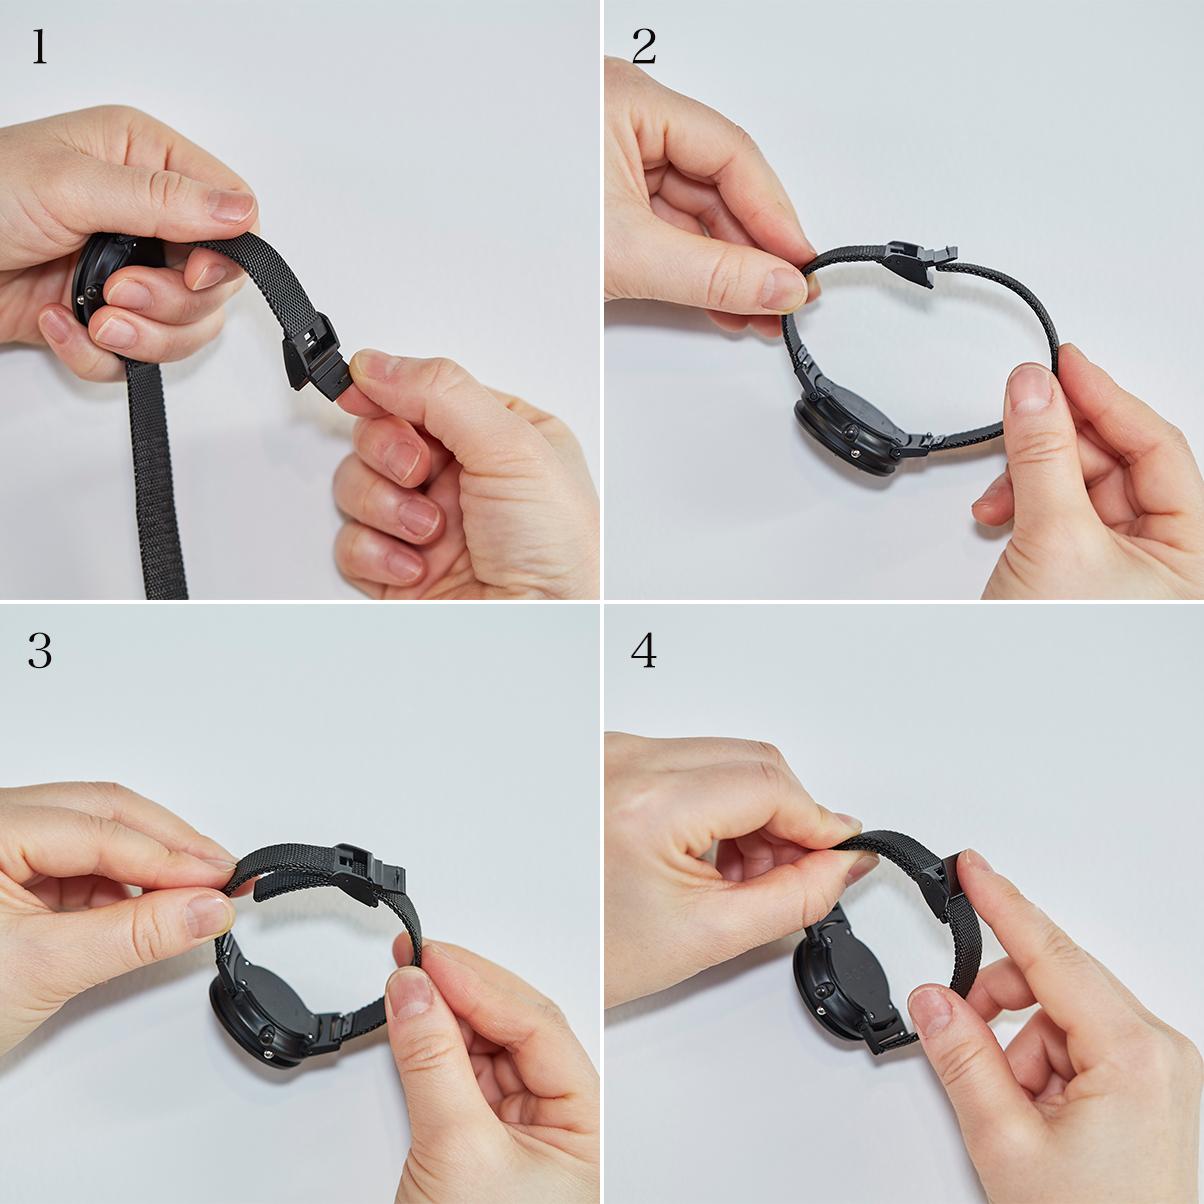 道具を使わず、ワンタッチで簡単にバンドの長さを変えられるので、お子さまにもぴったり。腕元におさまるコンパクトな文字盤、軽やかな装着感のメッシュバンド。触って時間を知る「腕時計」| EONE